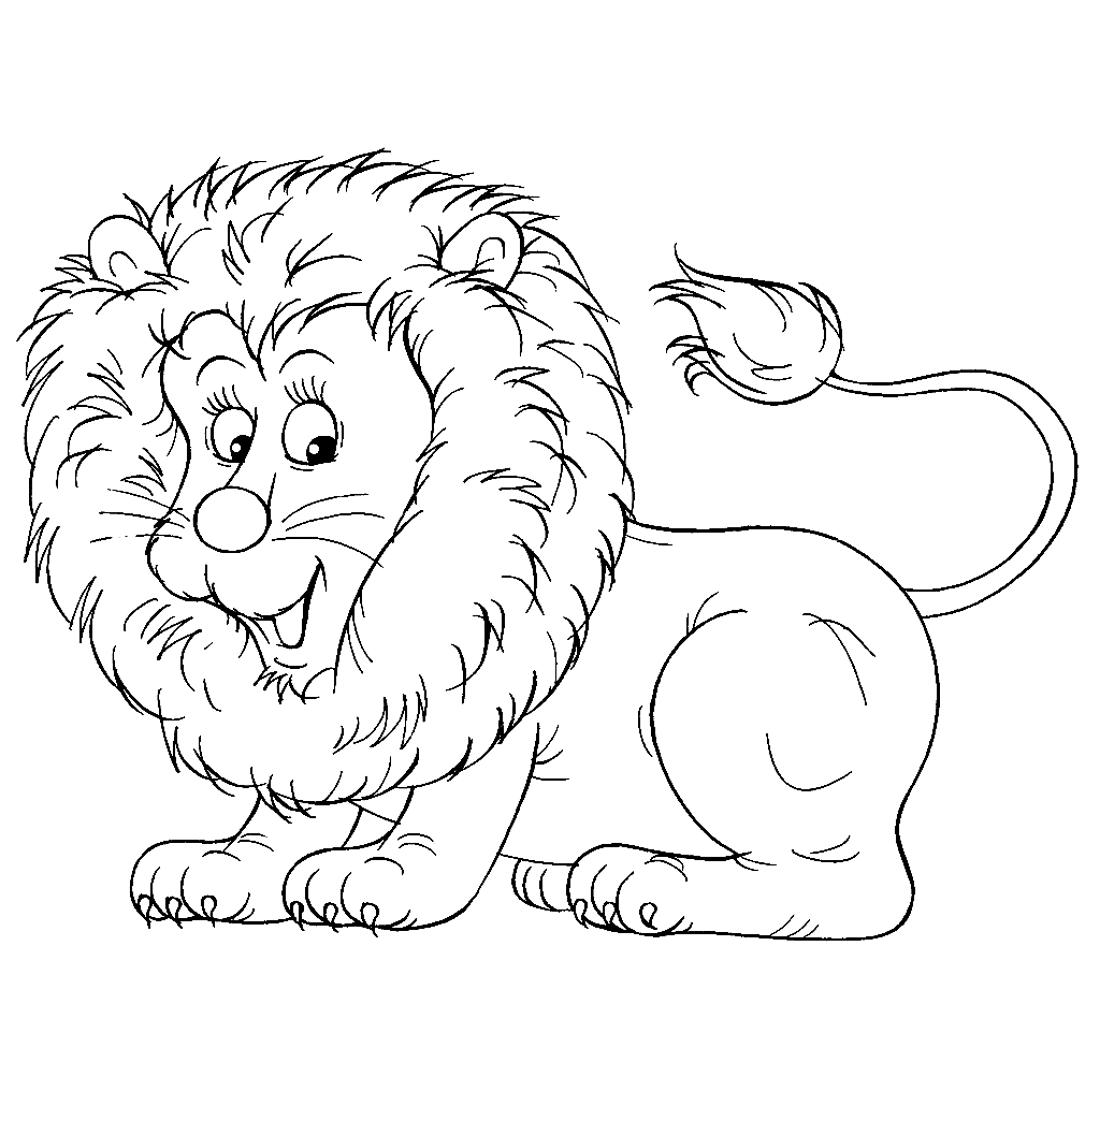 Картинка раскраска лев для детей на прозрачном фоне